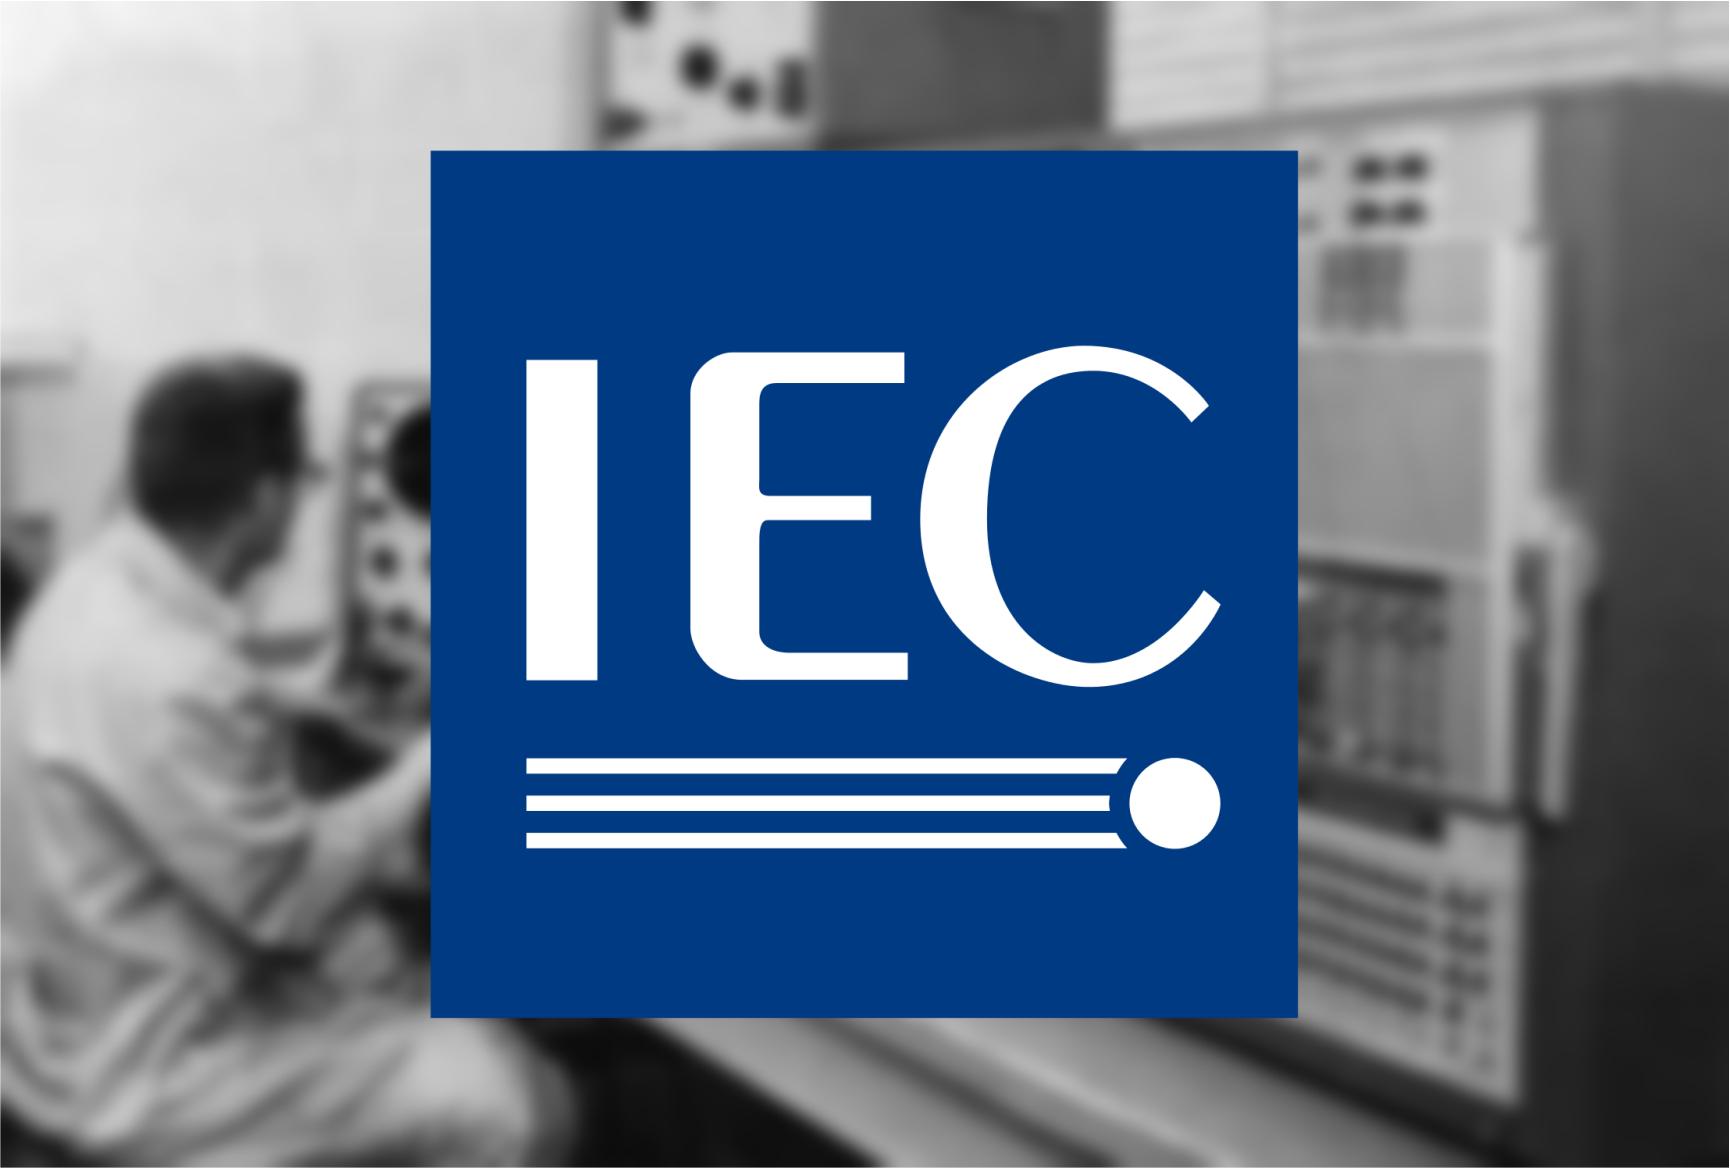 МЭК (IEC) — Международная электротехническая комиссия